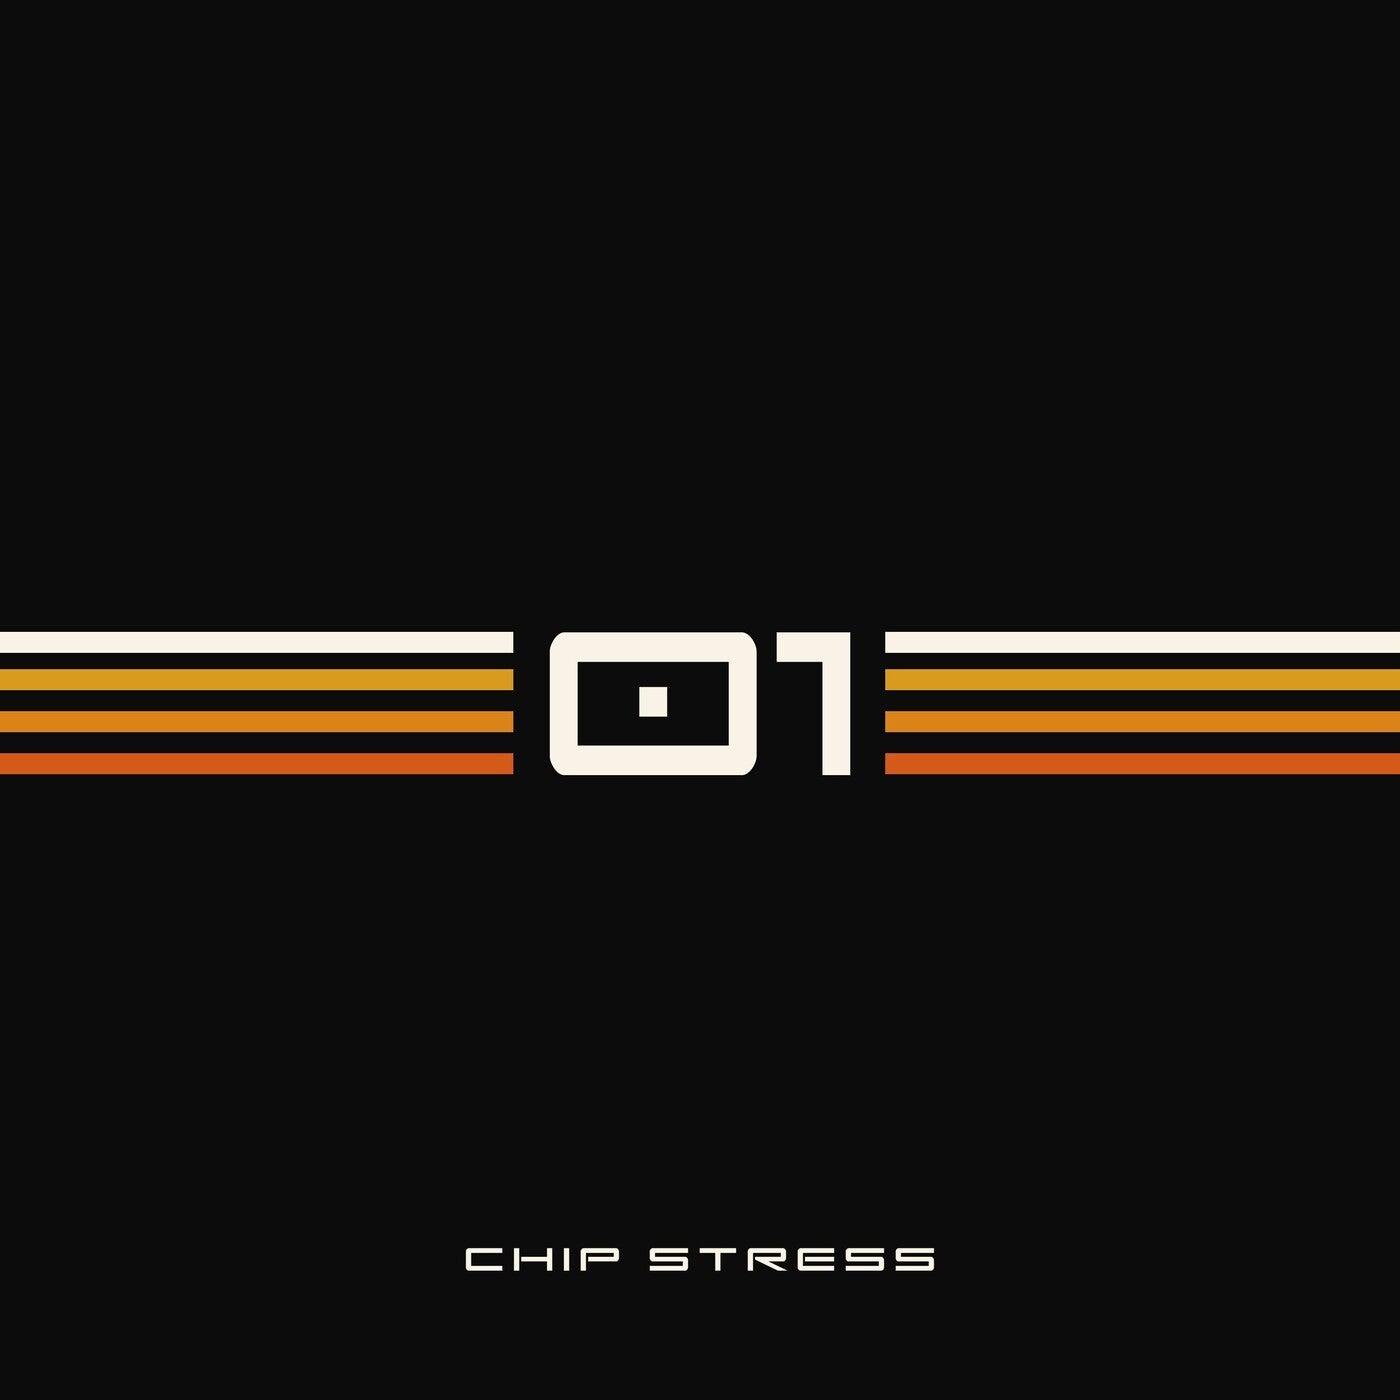 Chip Stress 01 (Original)